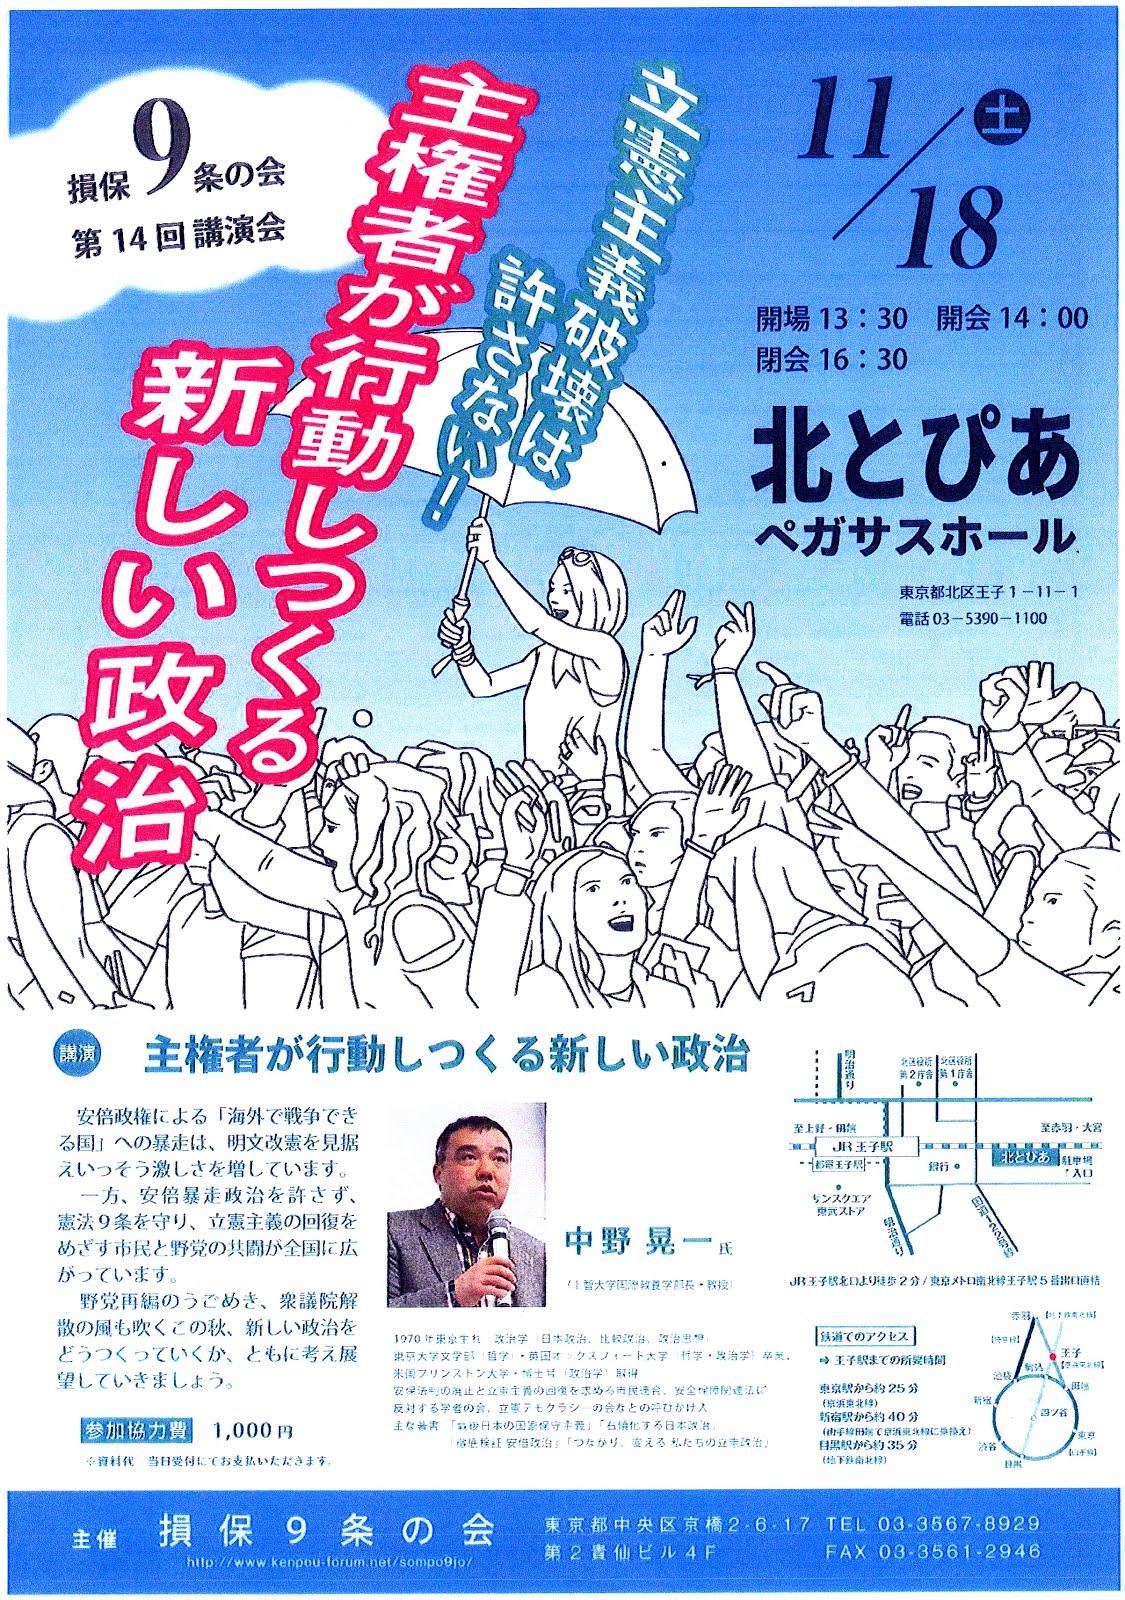 損保9条の会 第14回講演会 中野晃一氏(上智大学教授)